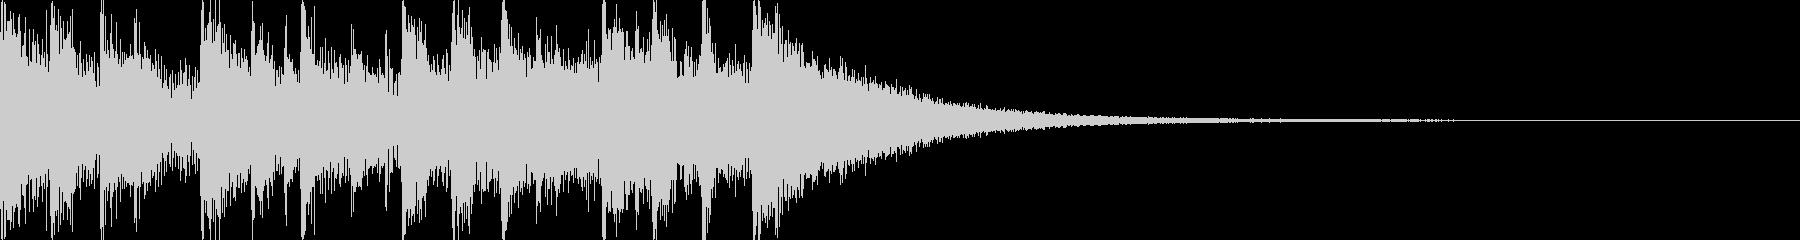 ブラスとホーンのセクションが特徴的...の未再生の波形